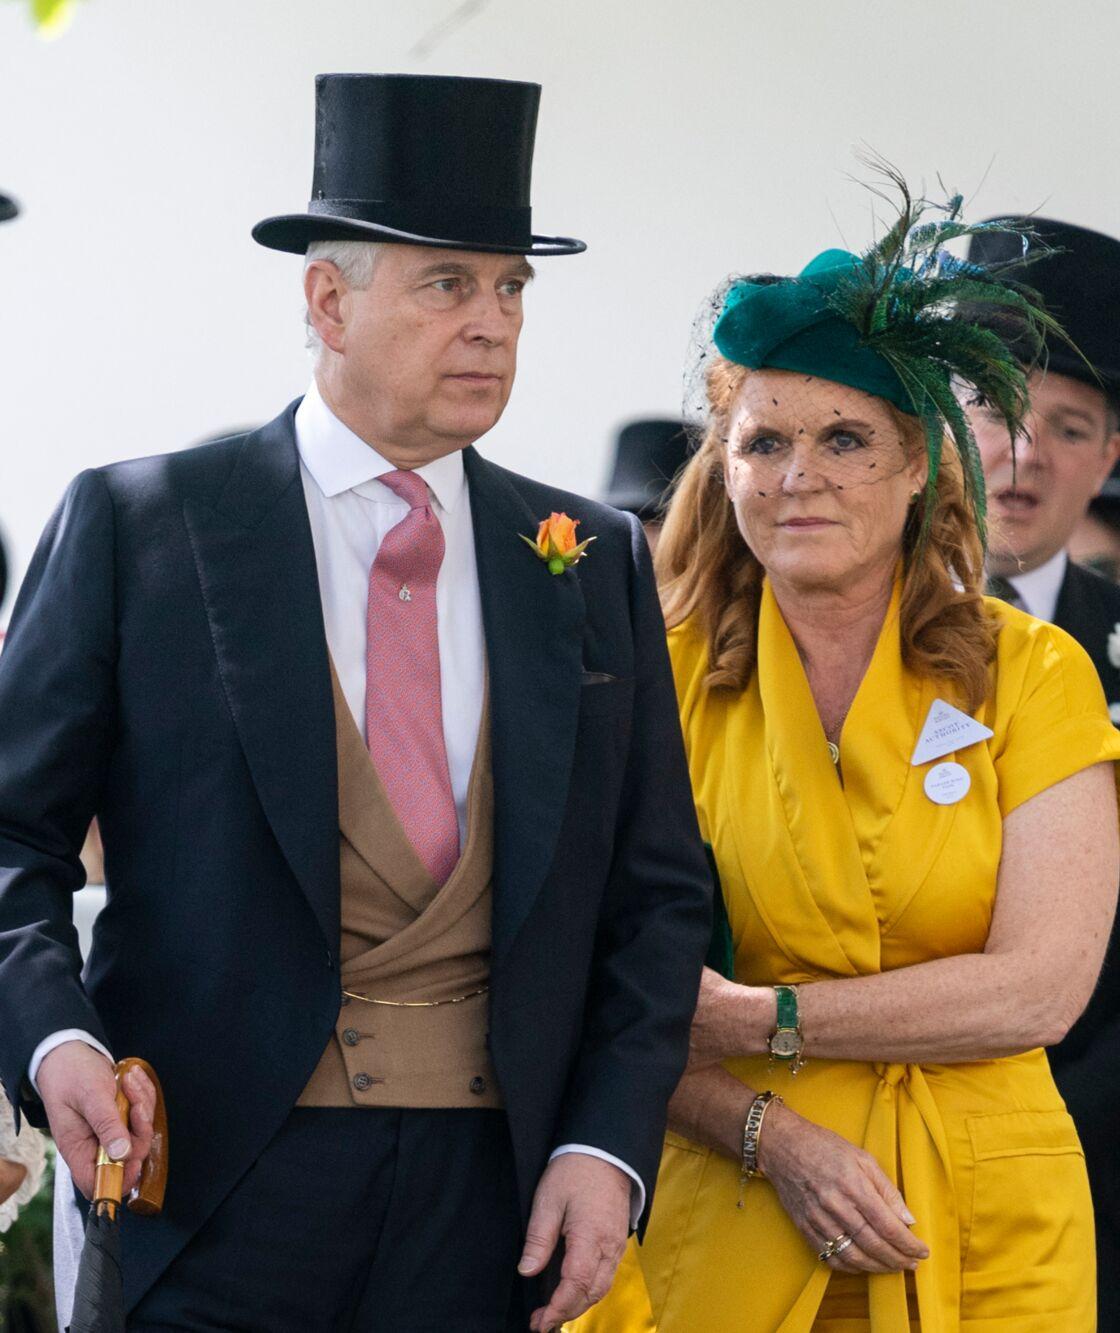 Divorcés depuis vingt-quatre ans, Andrew et Sarah Ferguson demeurent inséparables